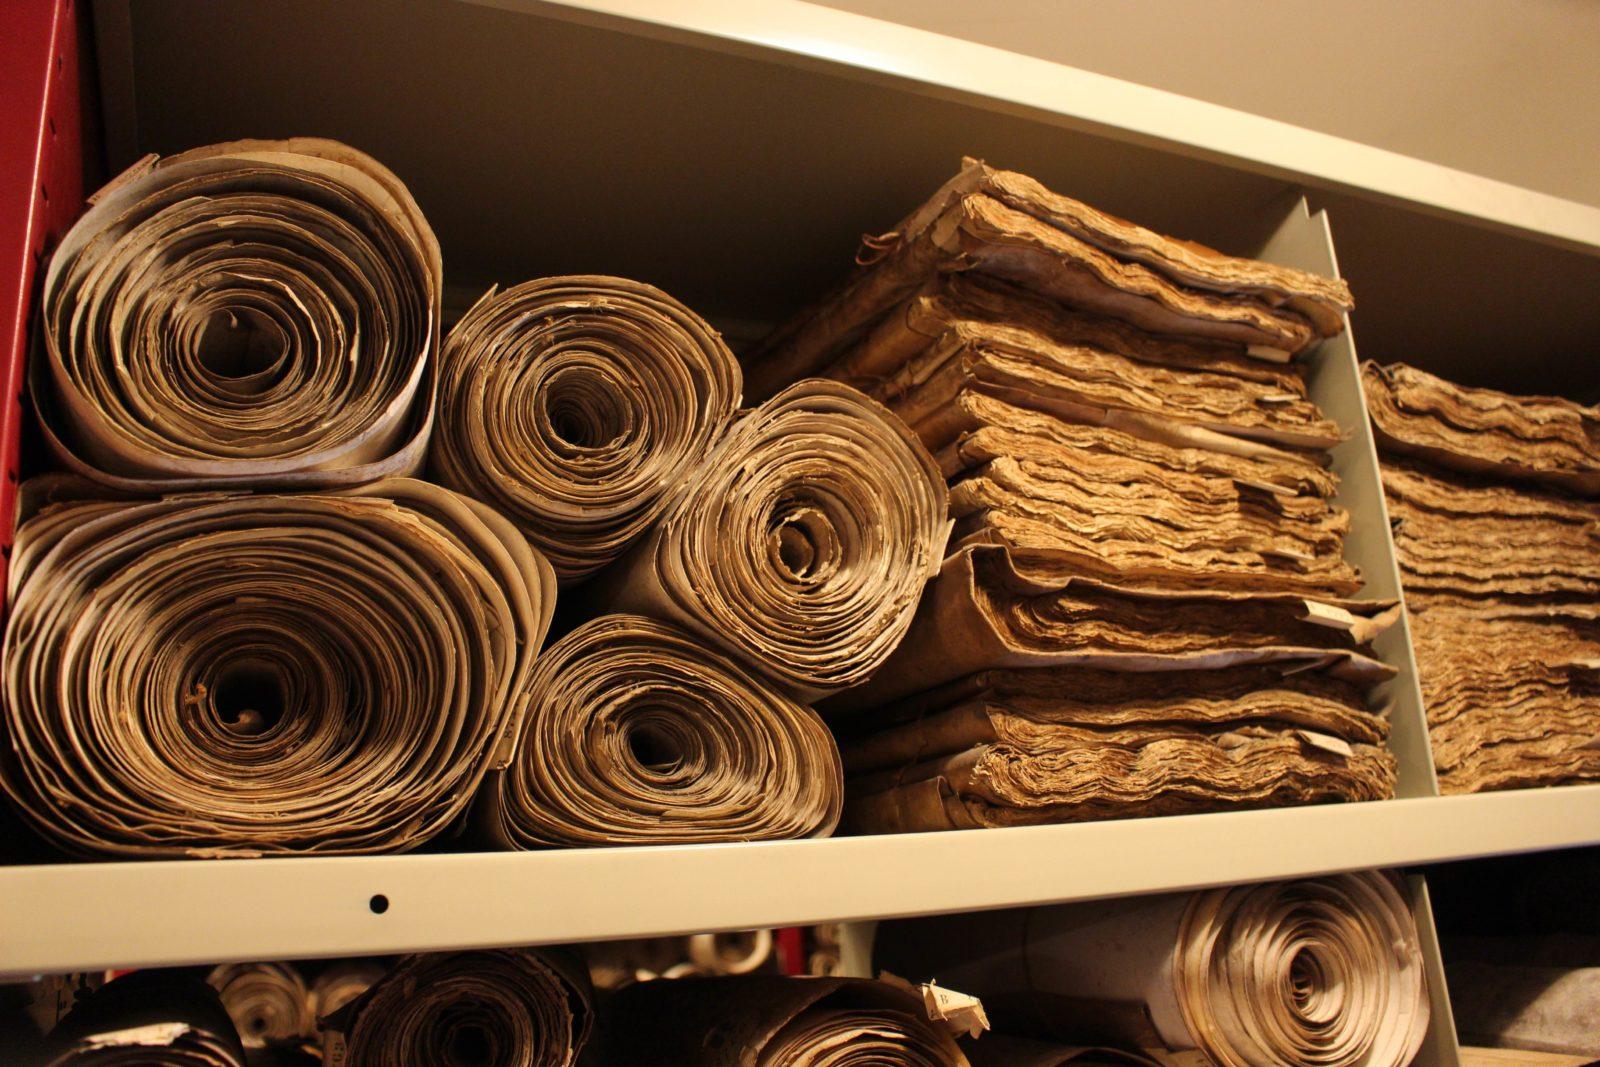 Dijon Archives départementales rangement rouleaux